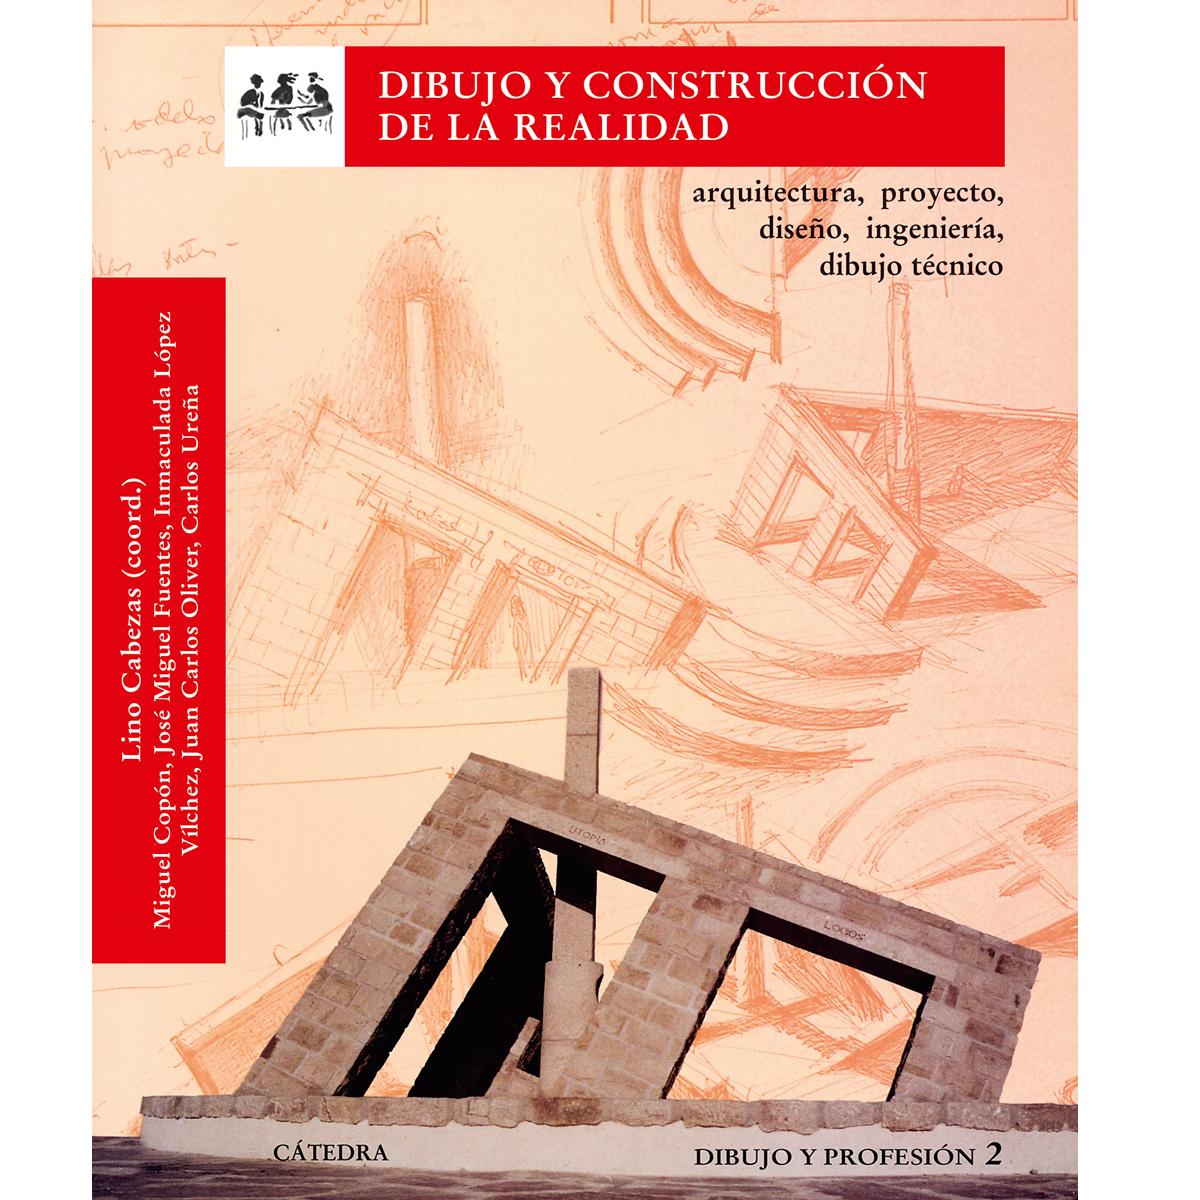 Dibujo y construcción de la realidad Cátedra, Madrid, 2011